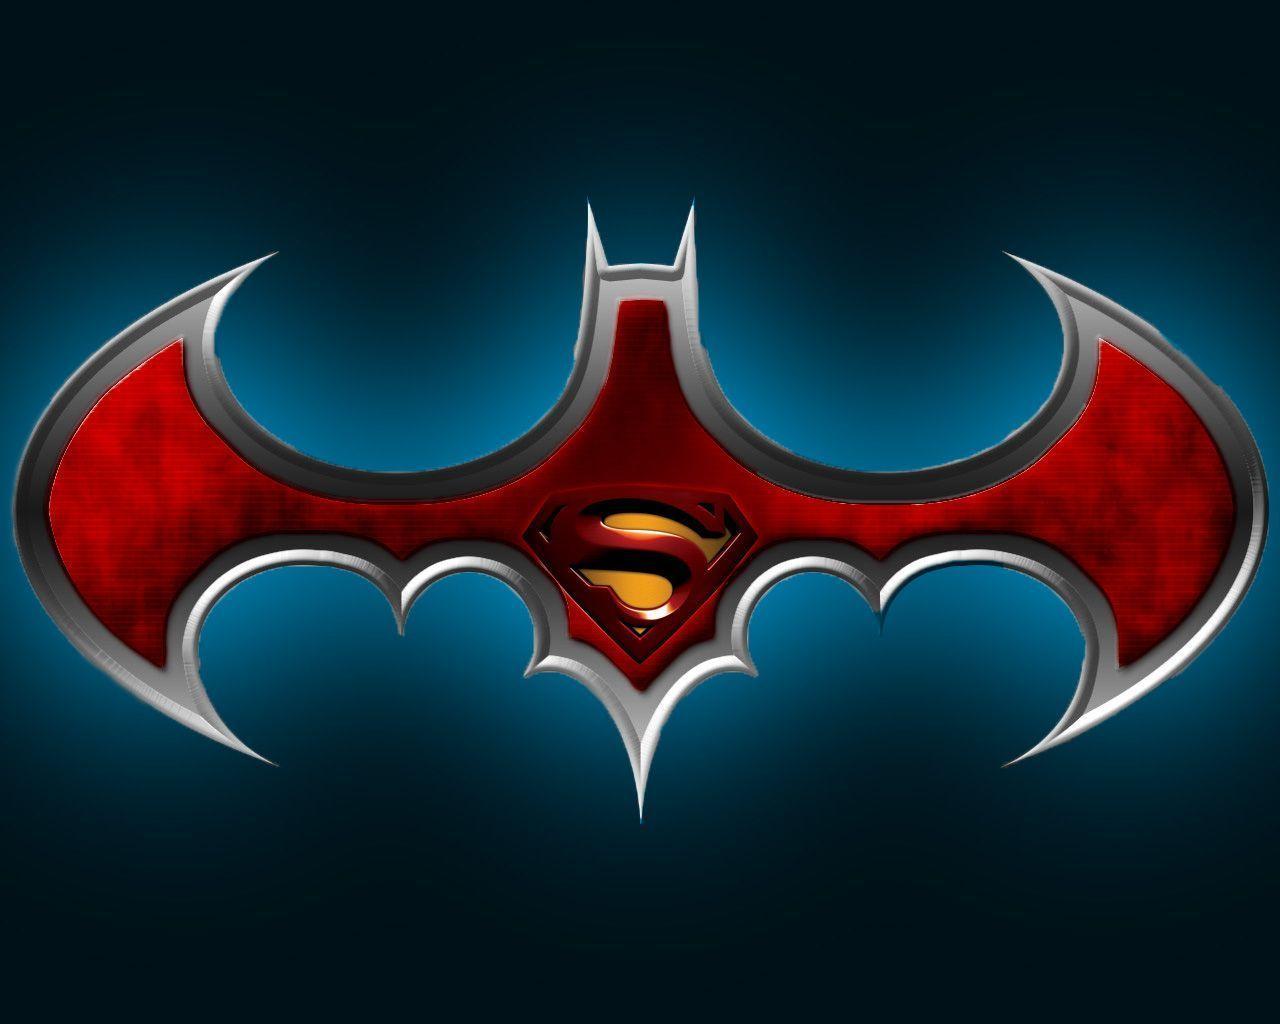 Superman Logo Wallpapers 2016 - Wallpaper Cave |Batman Superman Logo Wallpaper